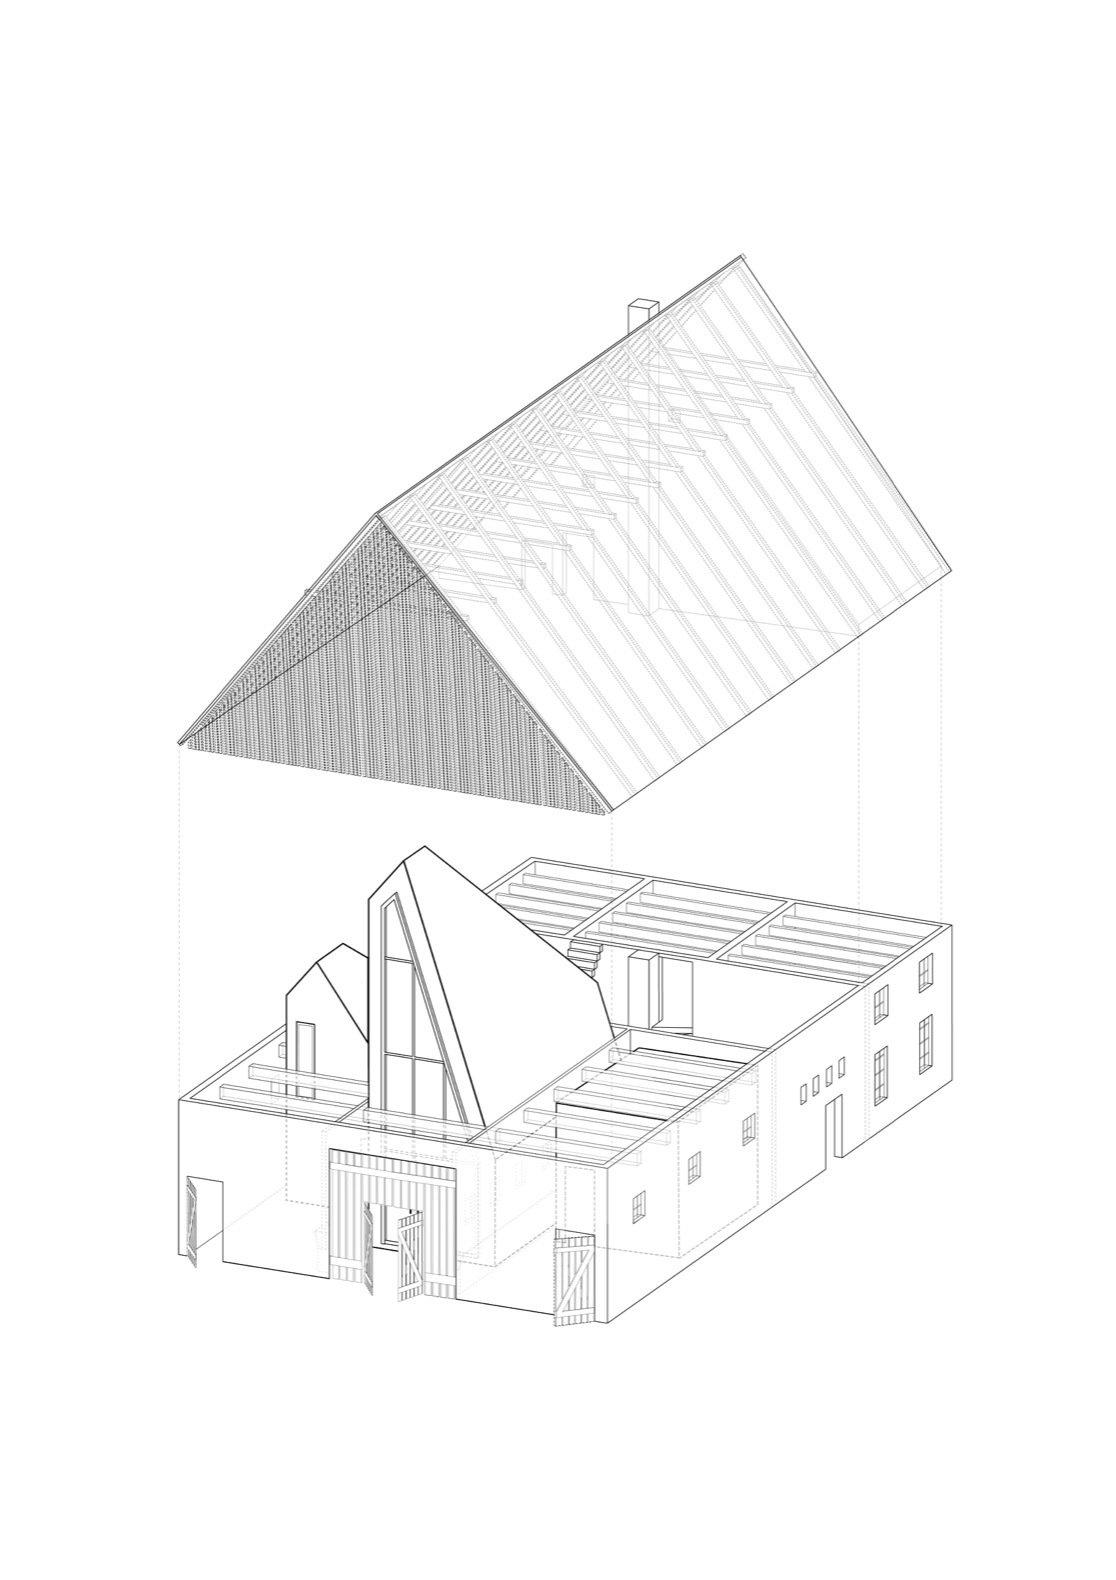 Dortmannhof axon diagram